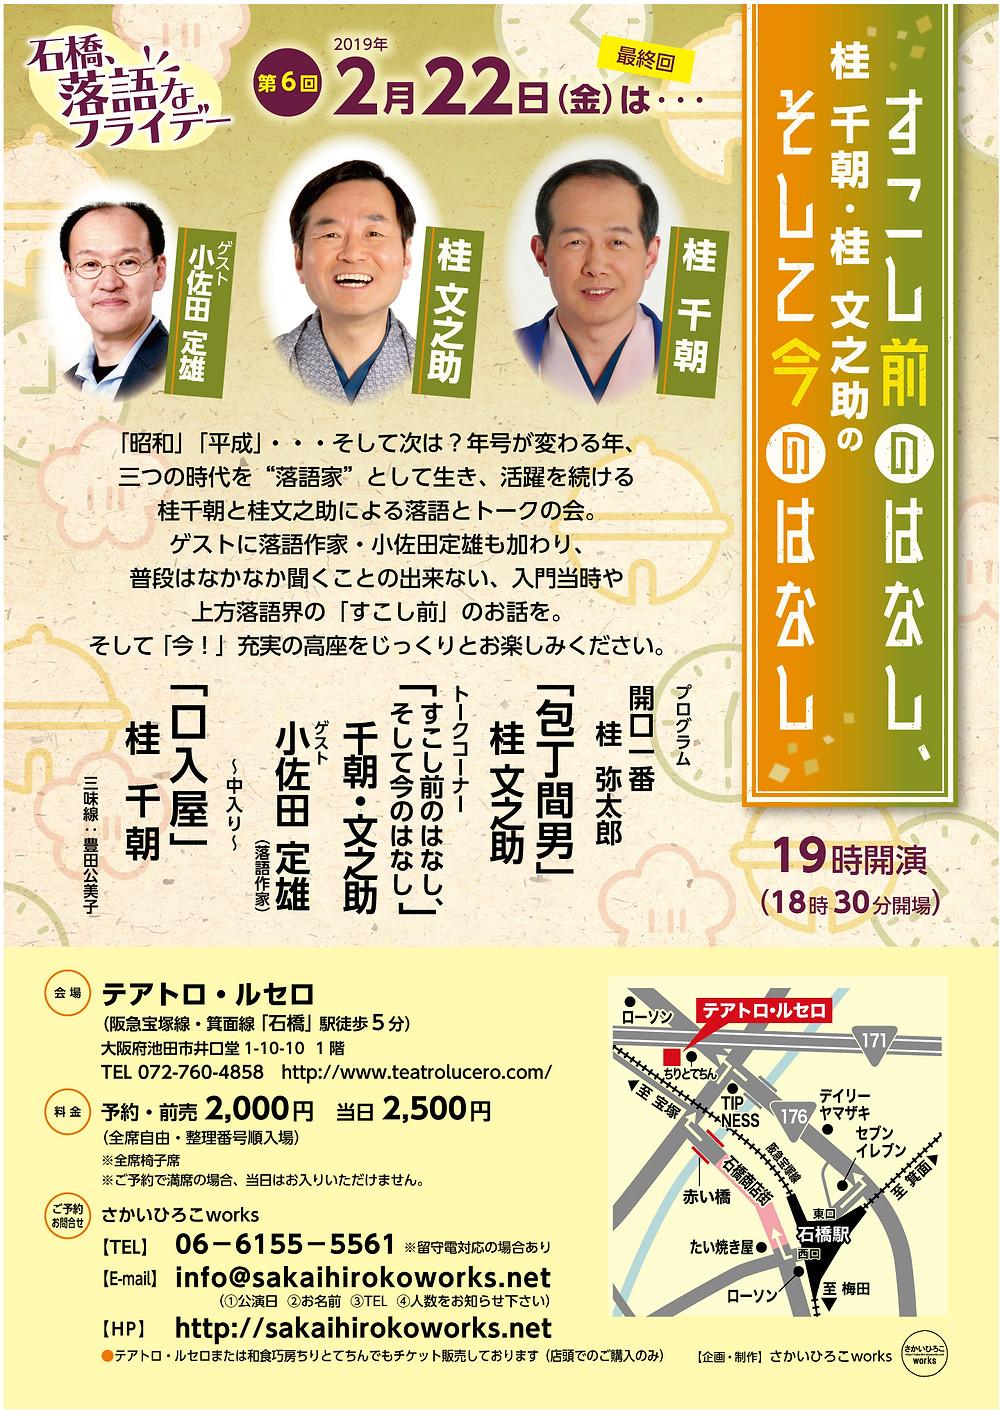 12/28(金)石橋、落語なフライデー 第6回目